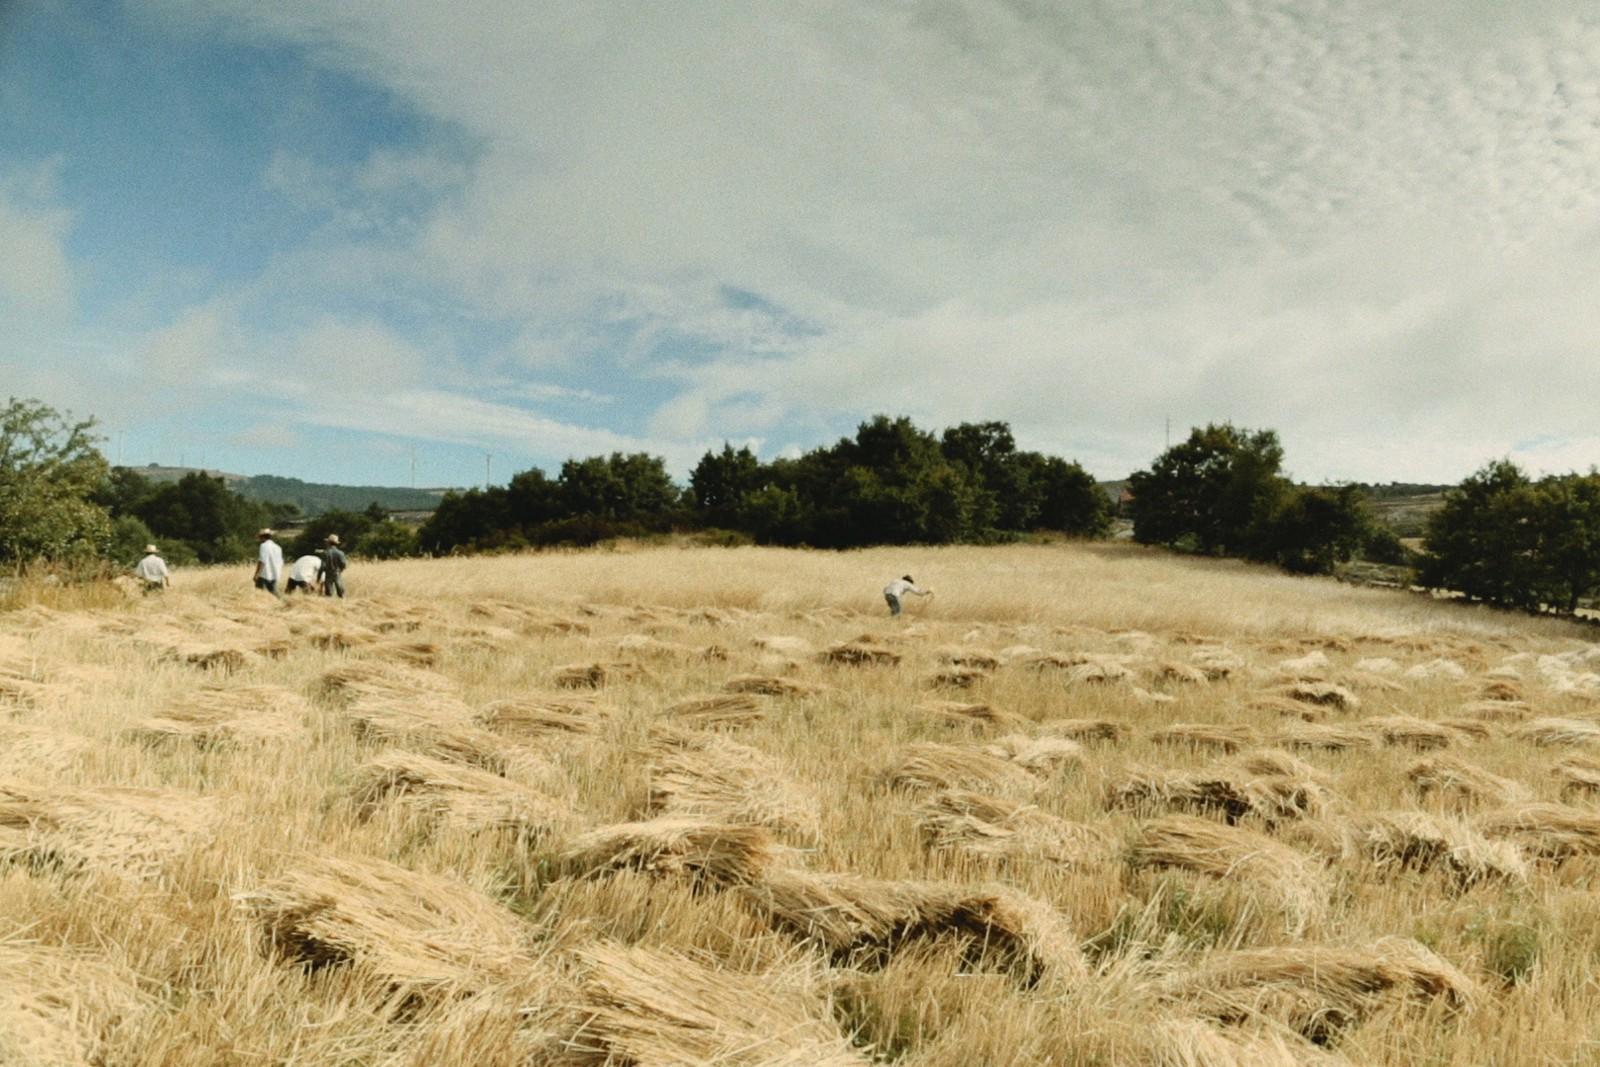 VoltaATerra-tt-width-1600-height-1067-fill-0-crop-0-bgcolor-eeeeee-nozoom_default-1-lazyload-1.jpg